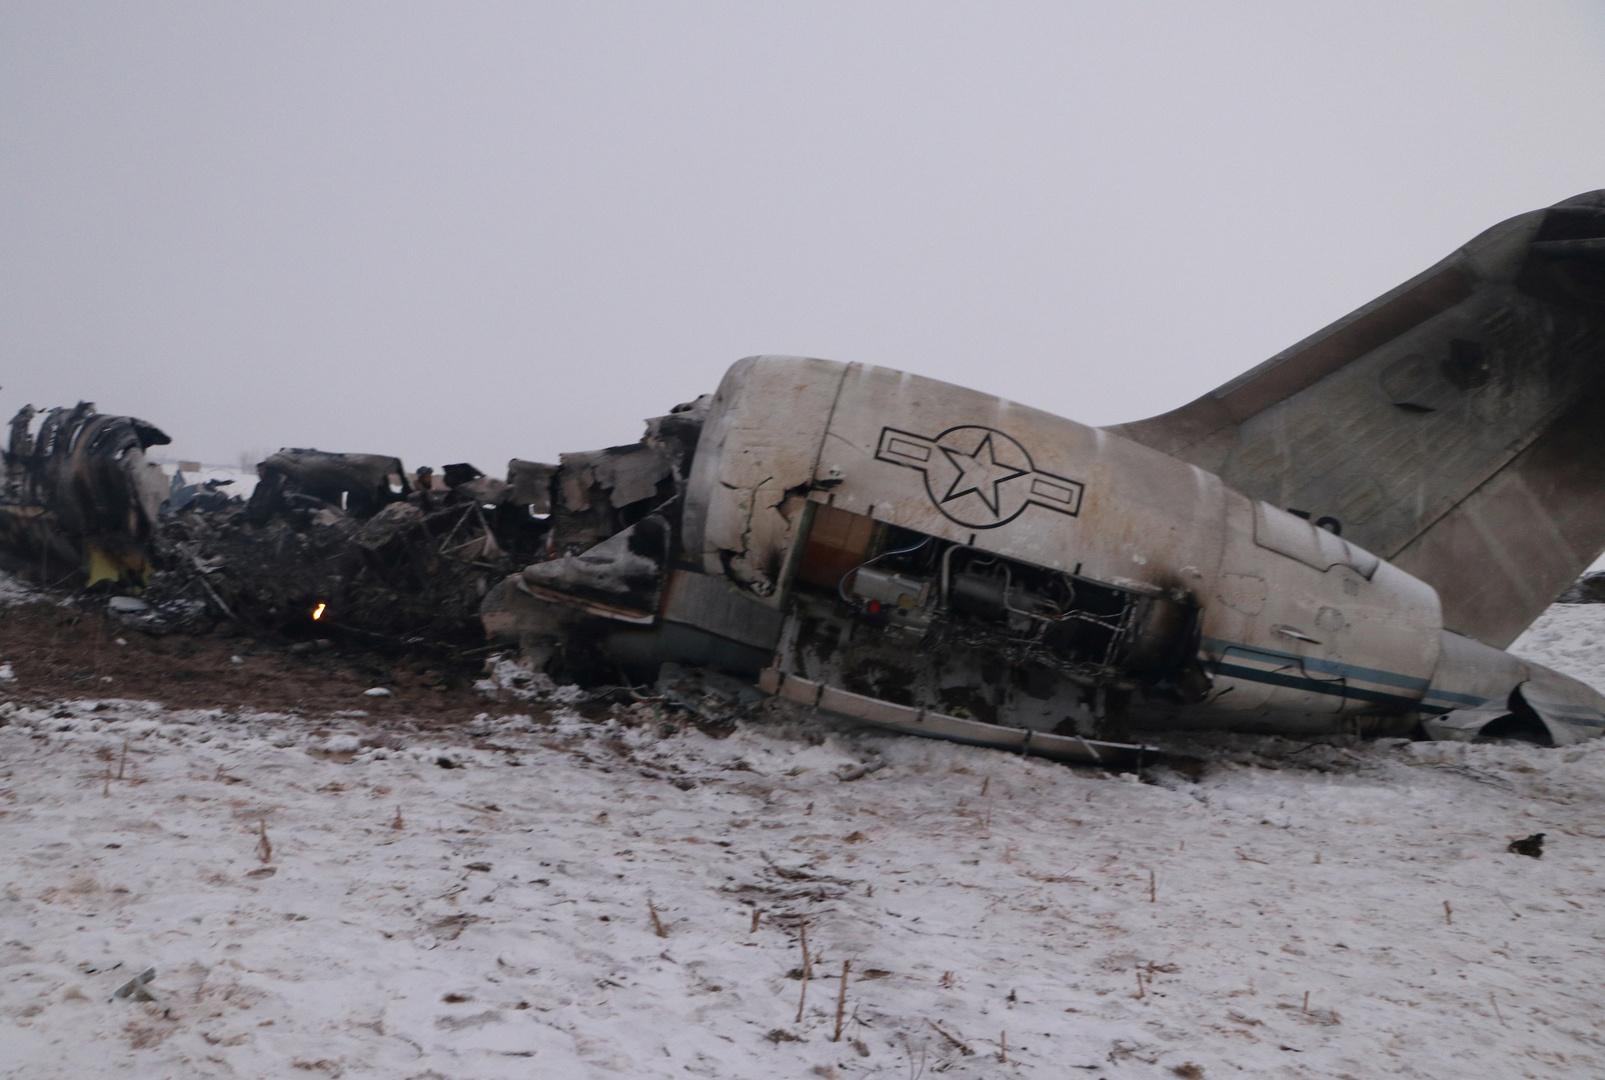 البنتاغون: انتشال بقايا جثث قتلى حادثة تحطم الطائرة الأمريكية بأفغانستان ويجري التدقيق في هوياتها